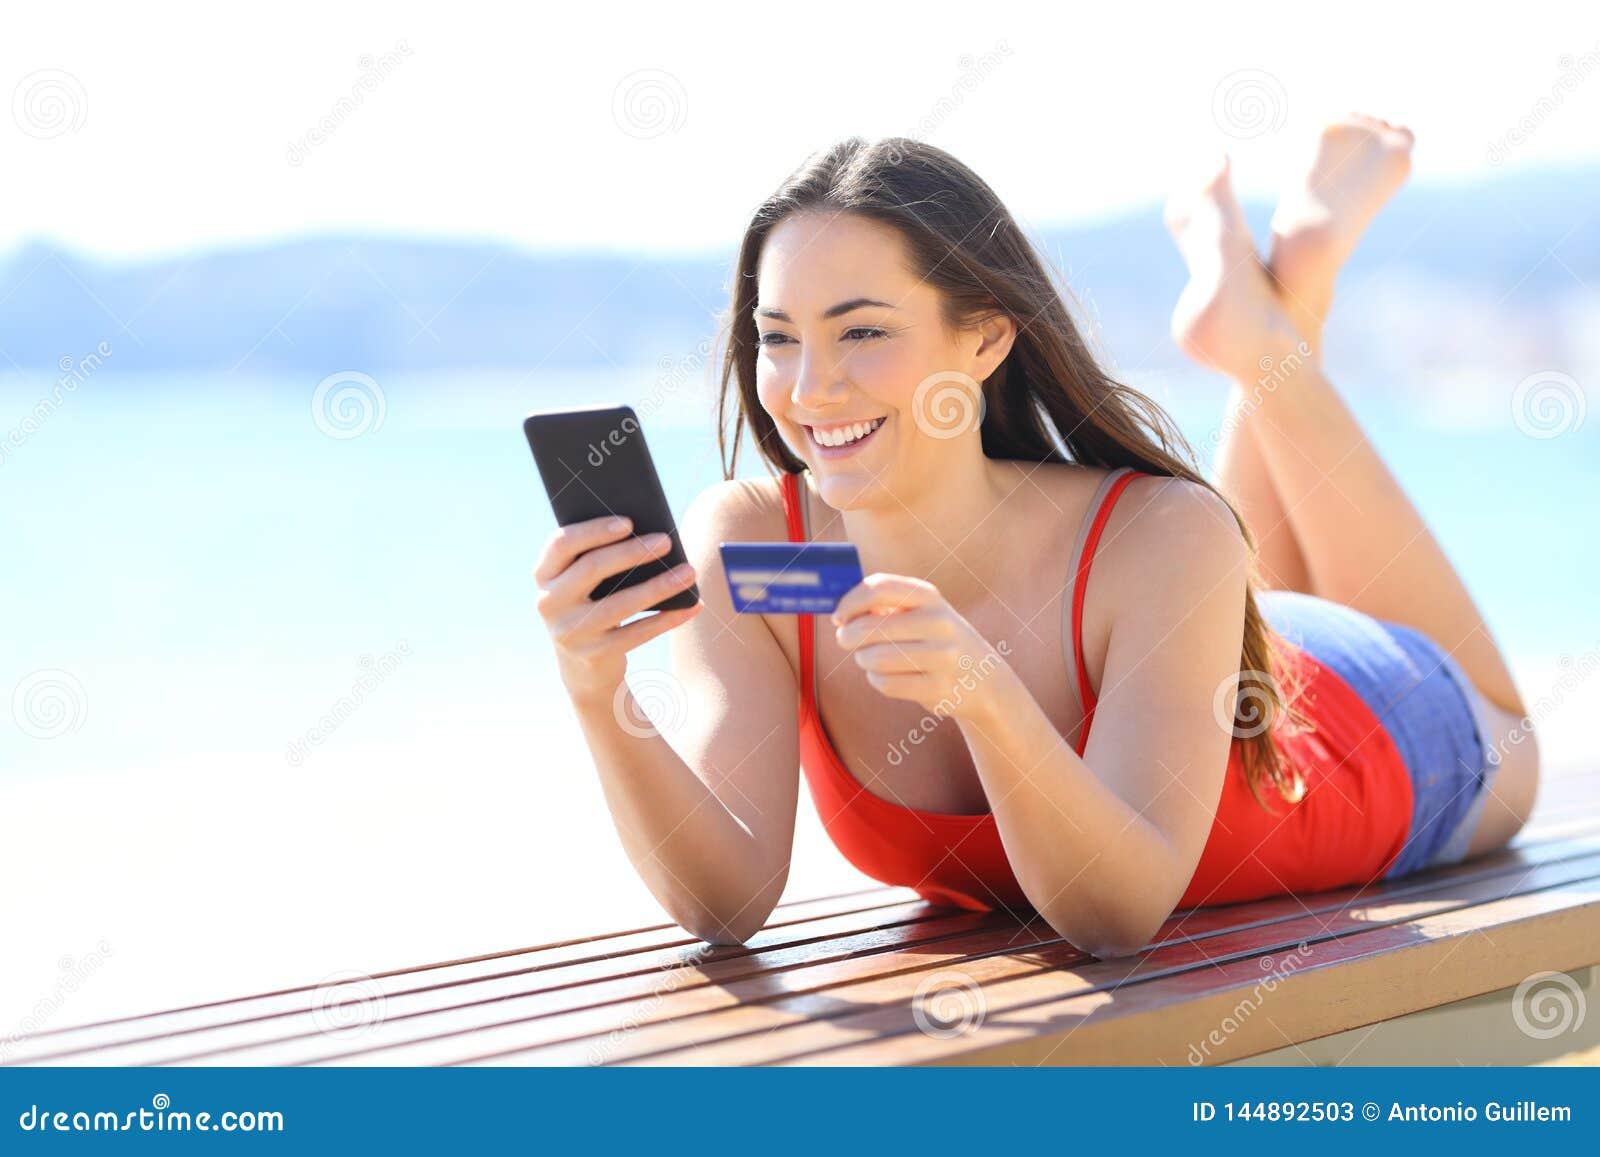 Ευτυχής αγορά κοριτσιών on-line με το τηλέφωνο και την πιστωτική κάρτα